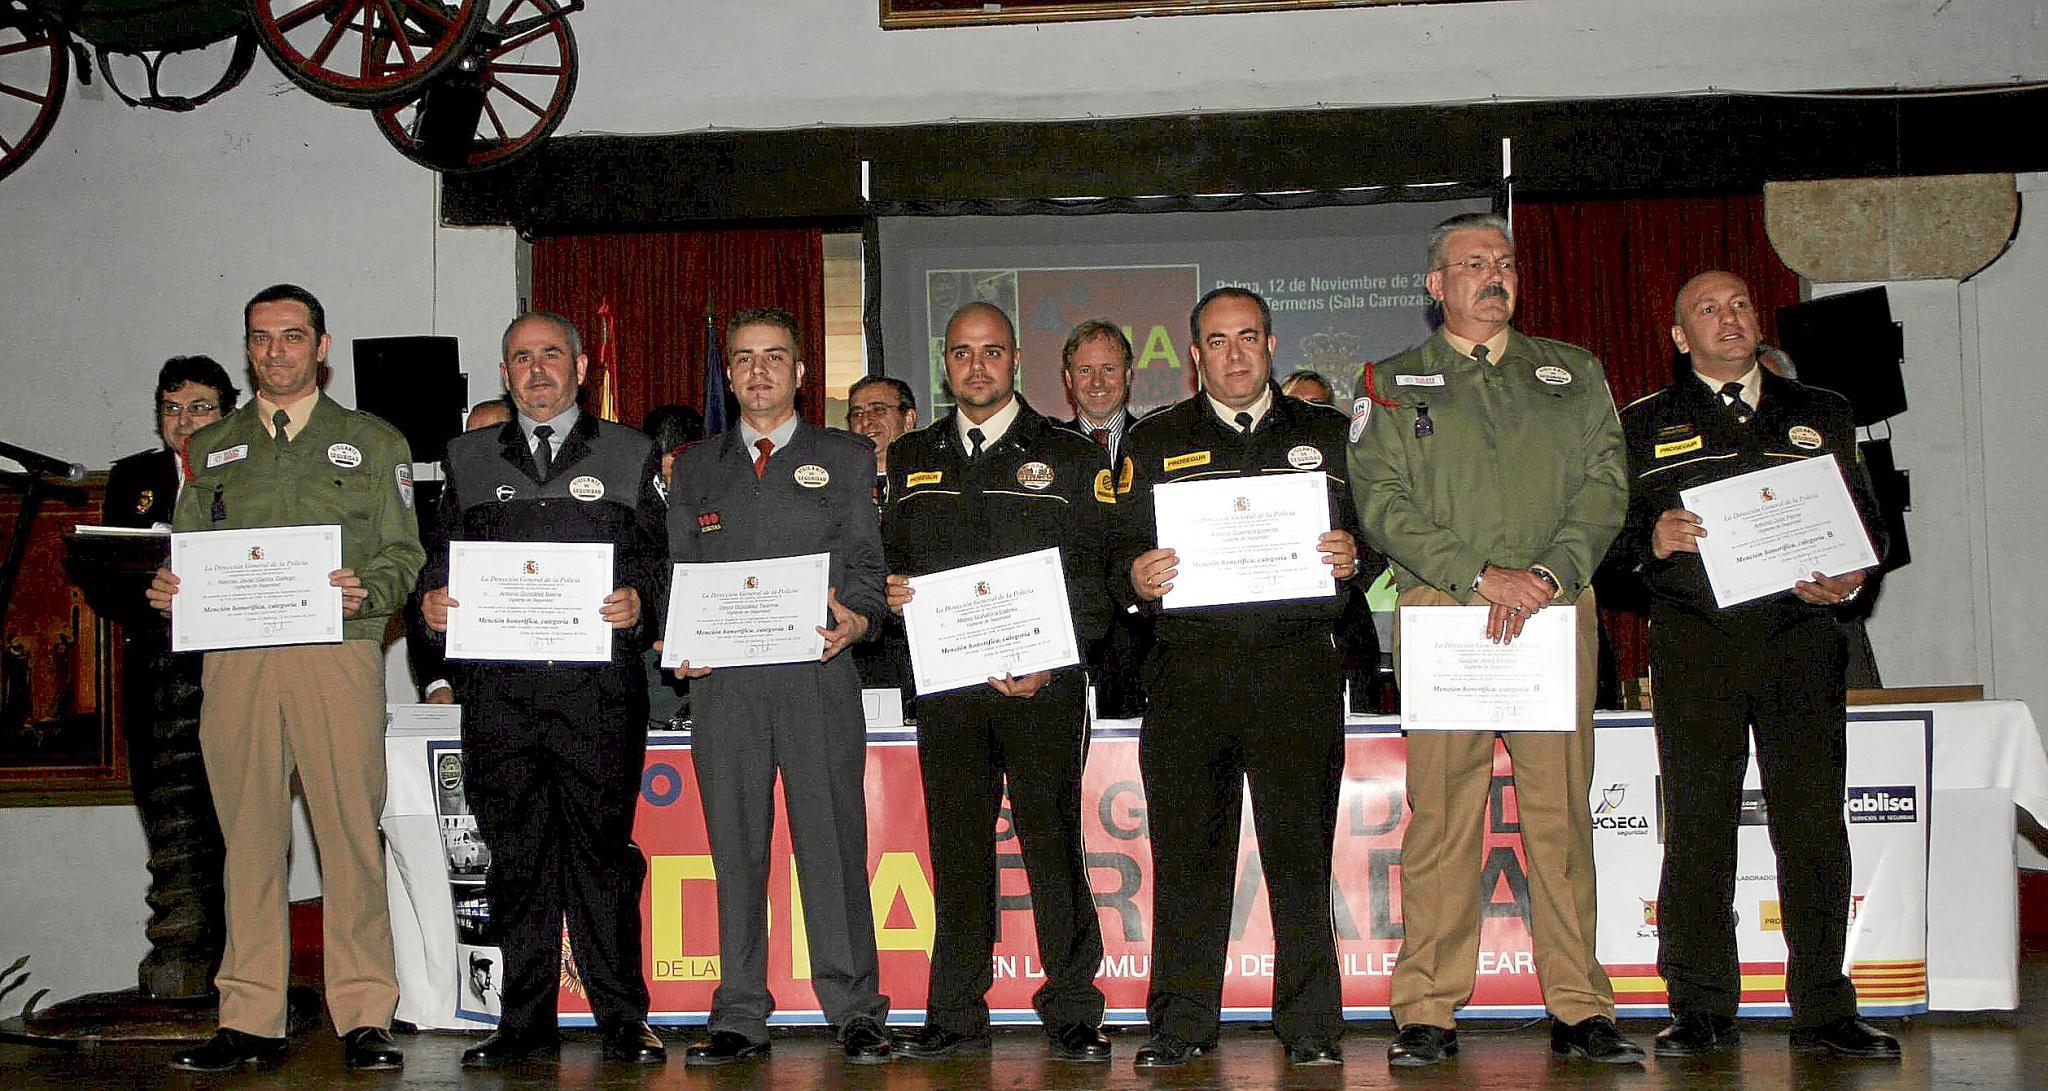 Los vigilantes de seguridad celebran su diada con la entrega de 53 distinciones